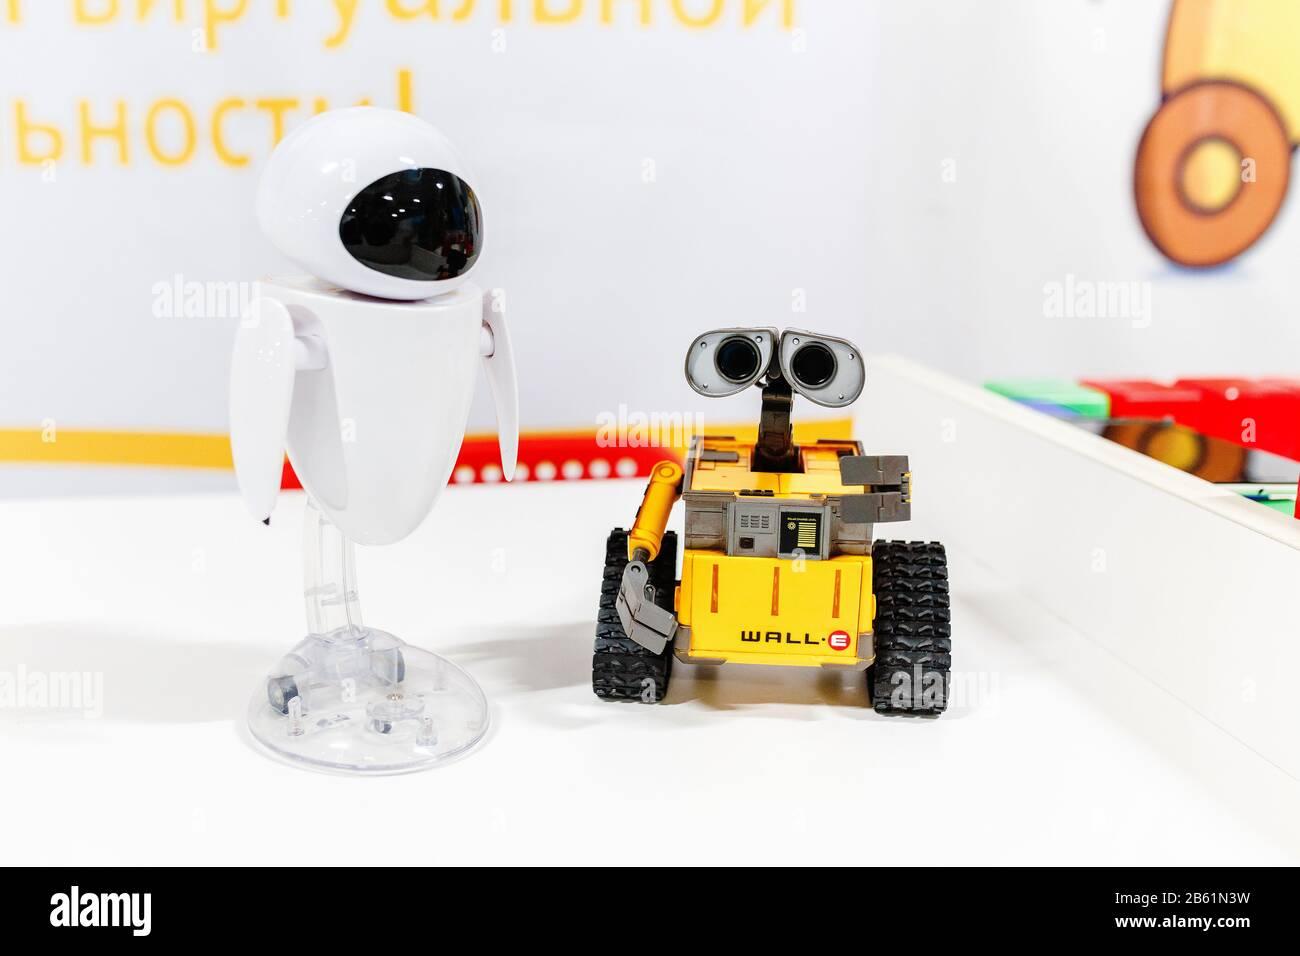 Wall E Robot Photos Wall E Robot Images Alamy